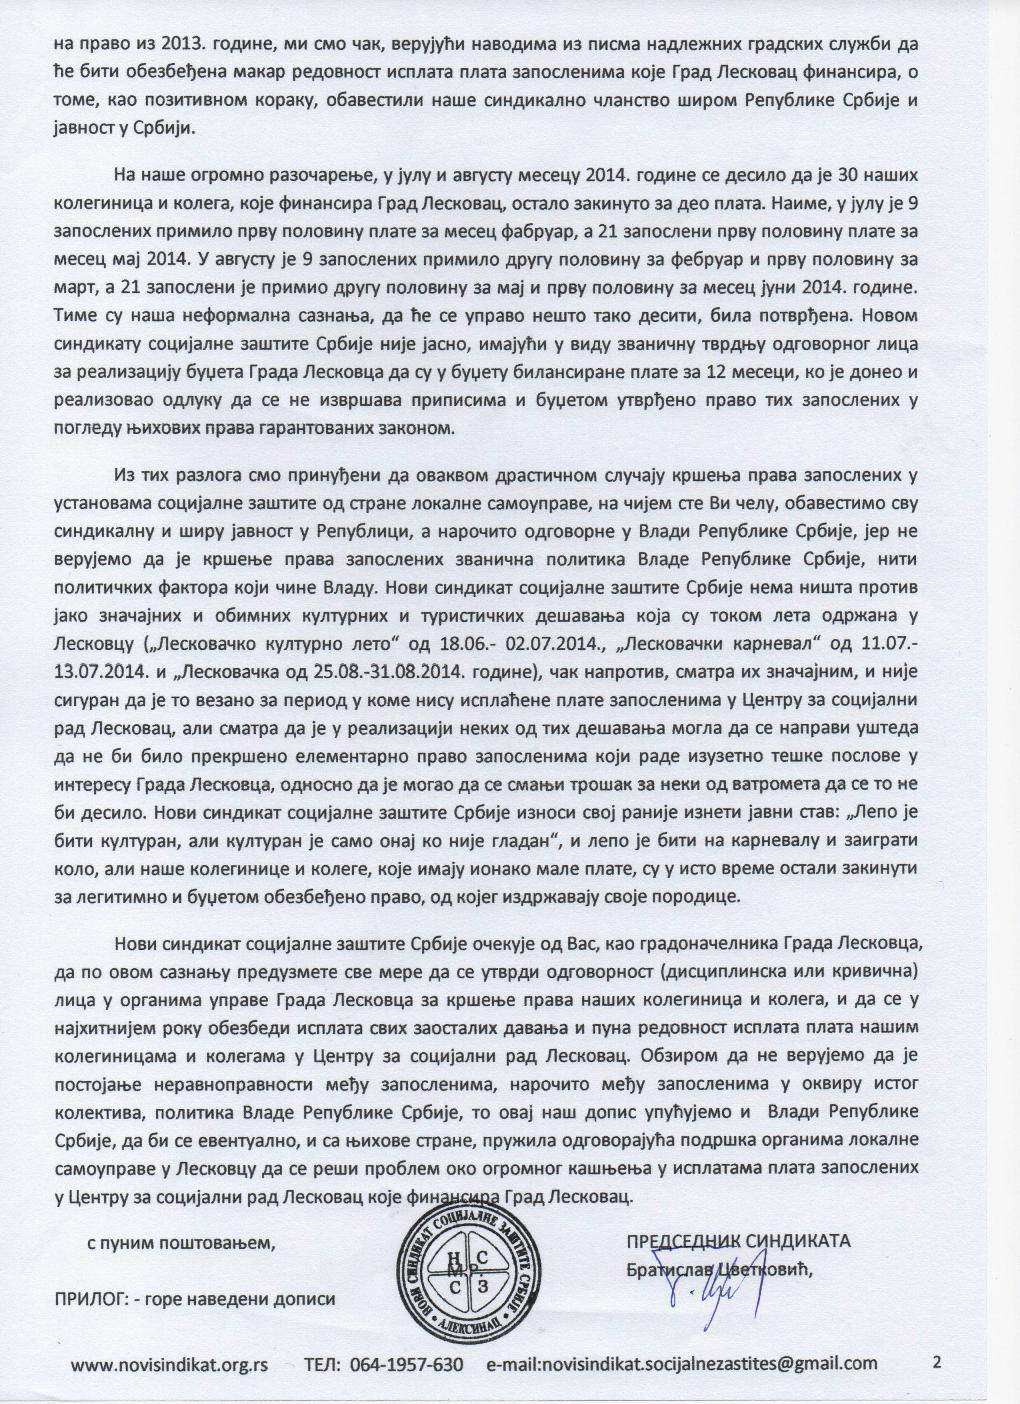 ЈАВНИ  ПРОТЕСТ  НССЗС  ГРАДОНАЧЕЛНИКУ  ЛЕСКОВЦА  ЗБОГ  НЕИСПЛАЋЕНИХ  ПЛАТА  РАДНИЦИМА  ЦСР - 2